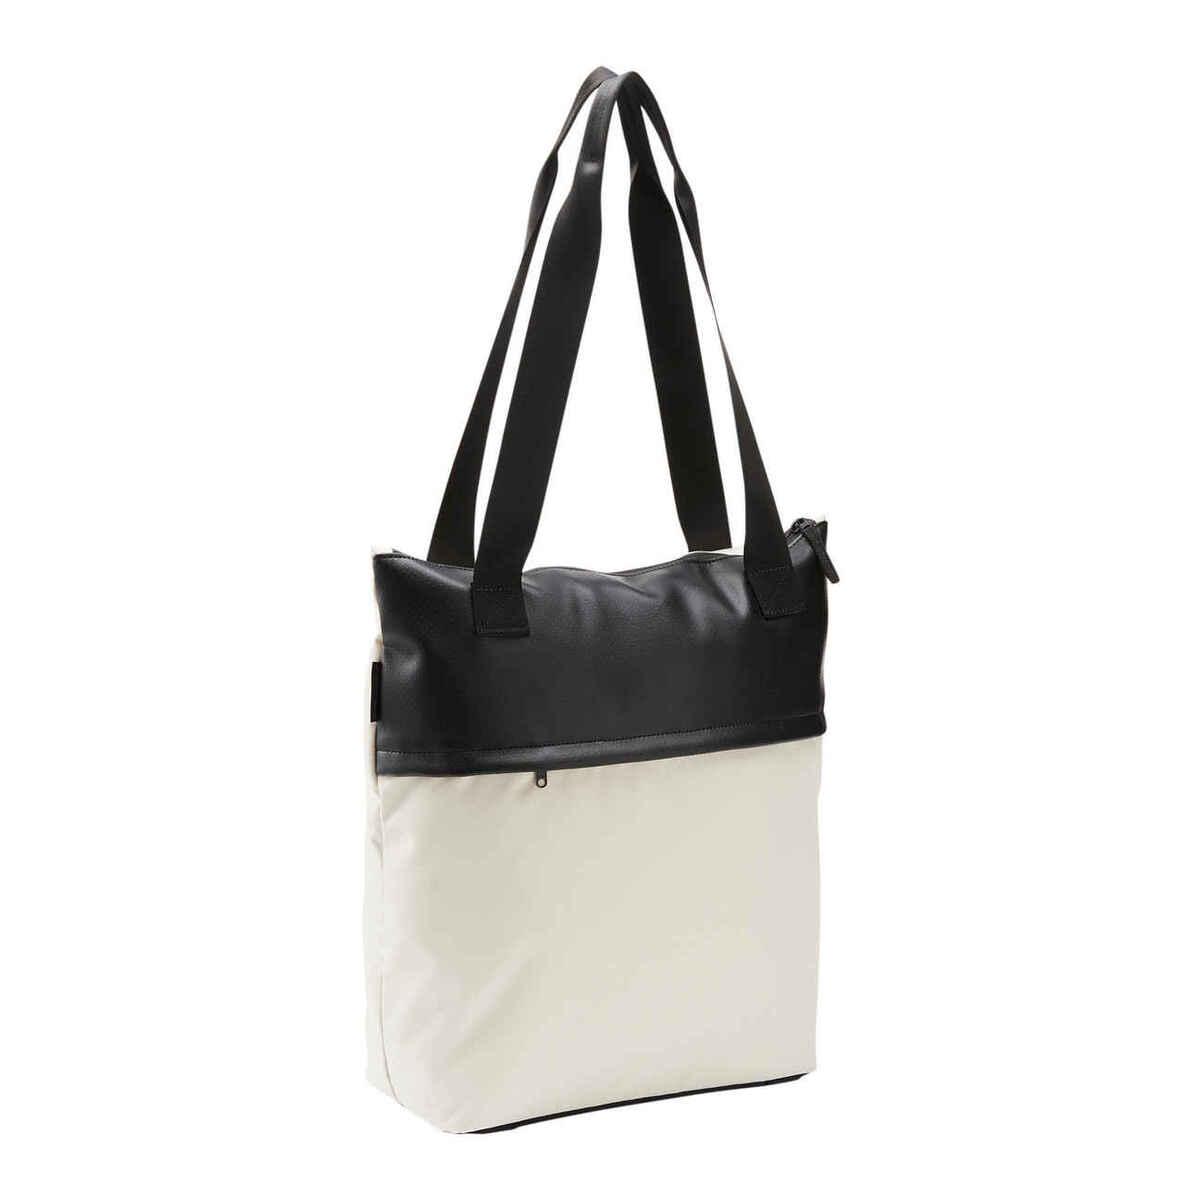 Bild 1 von Sporttasche Tote Bag 20L beige